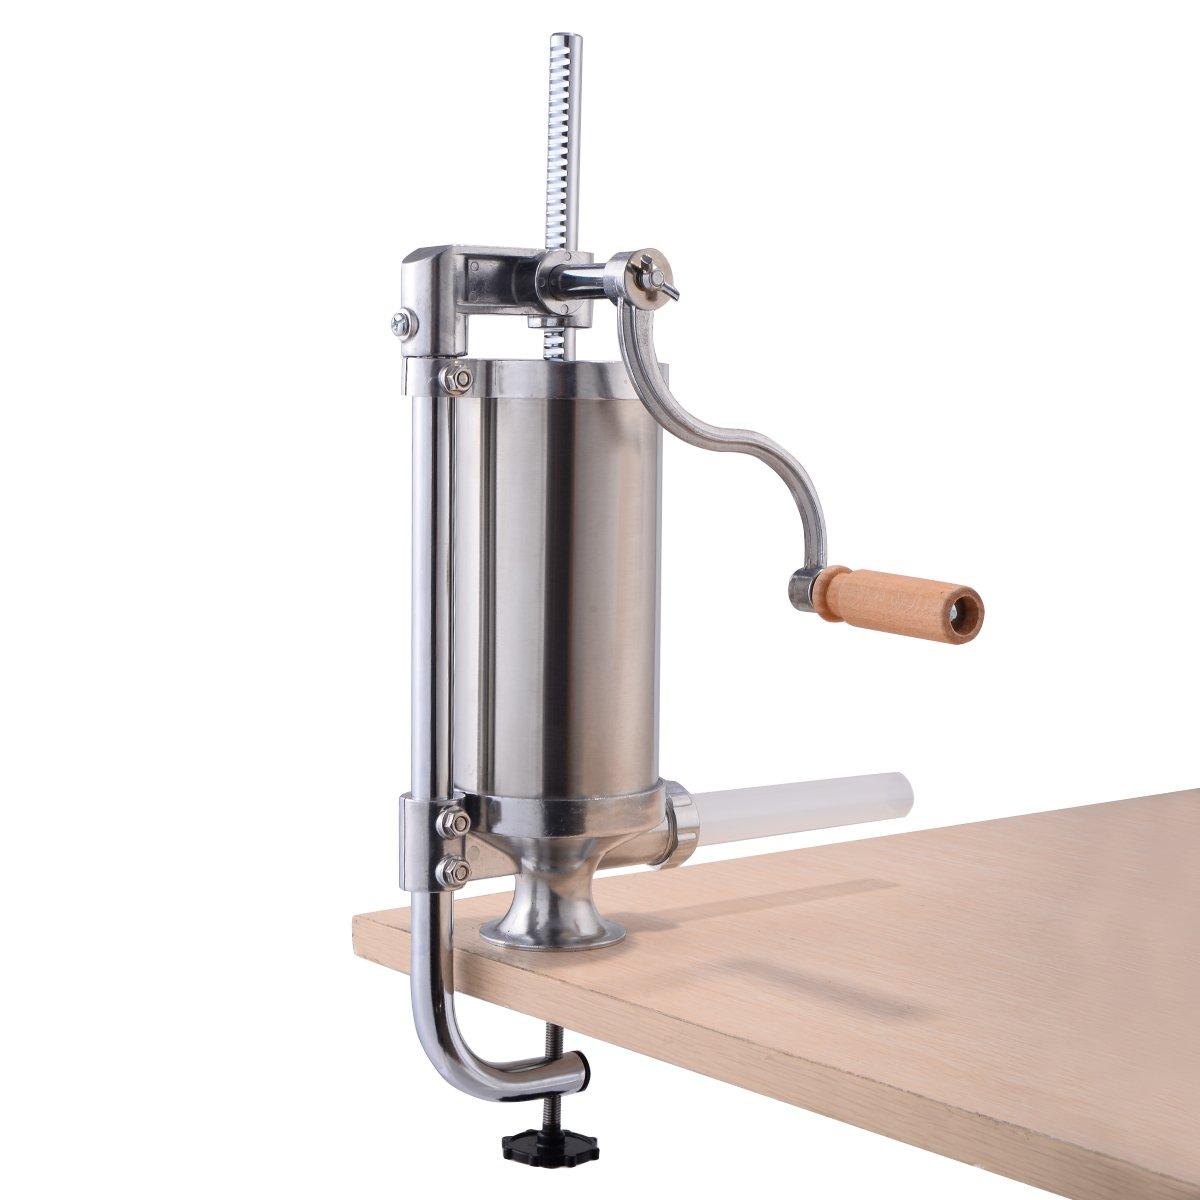 GOPLUS Insaccatrice manuale Insaccatrice per salsicce Macchina per salsiccia in acciaio inossidabile Imbuti insaccatori con 4 tubi di riempimento